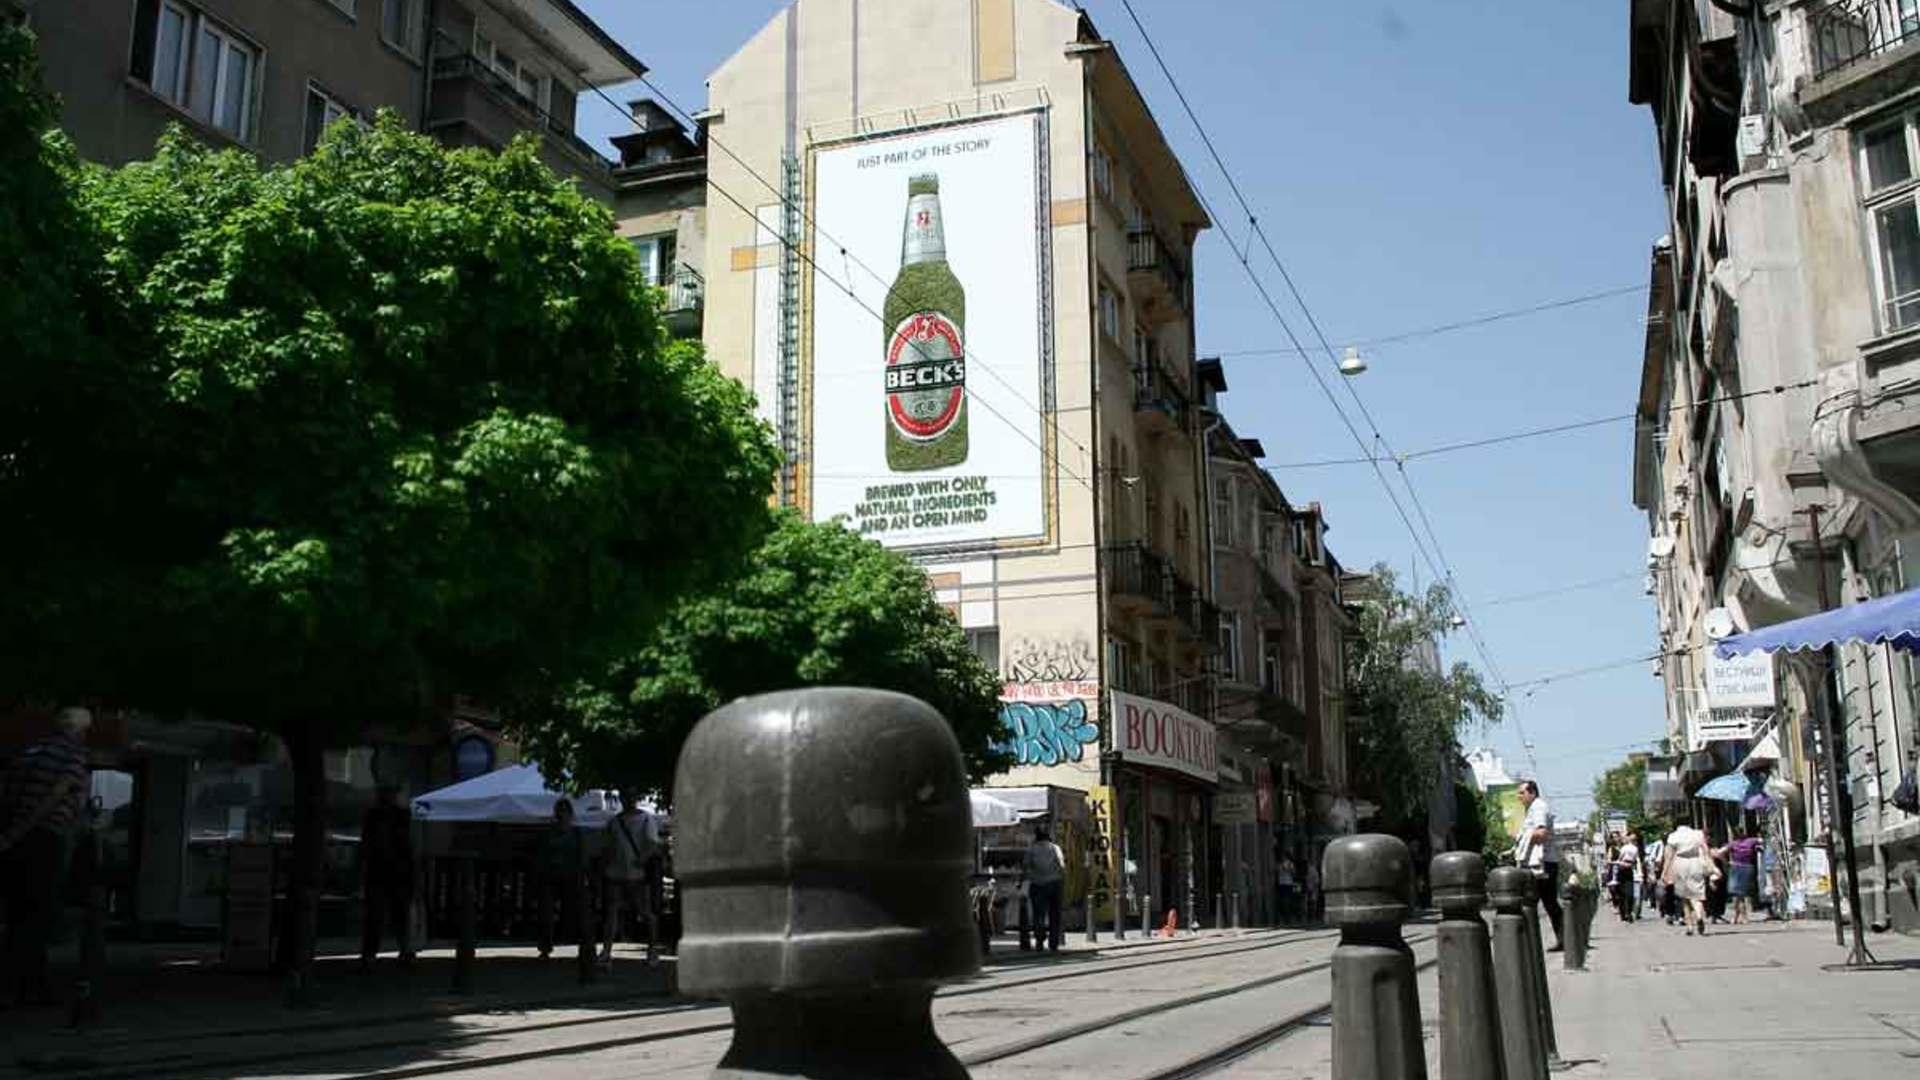 Creating an urban jungle: guerrilla gardening moss graffiti as an unconventional advertising approach